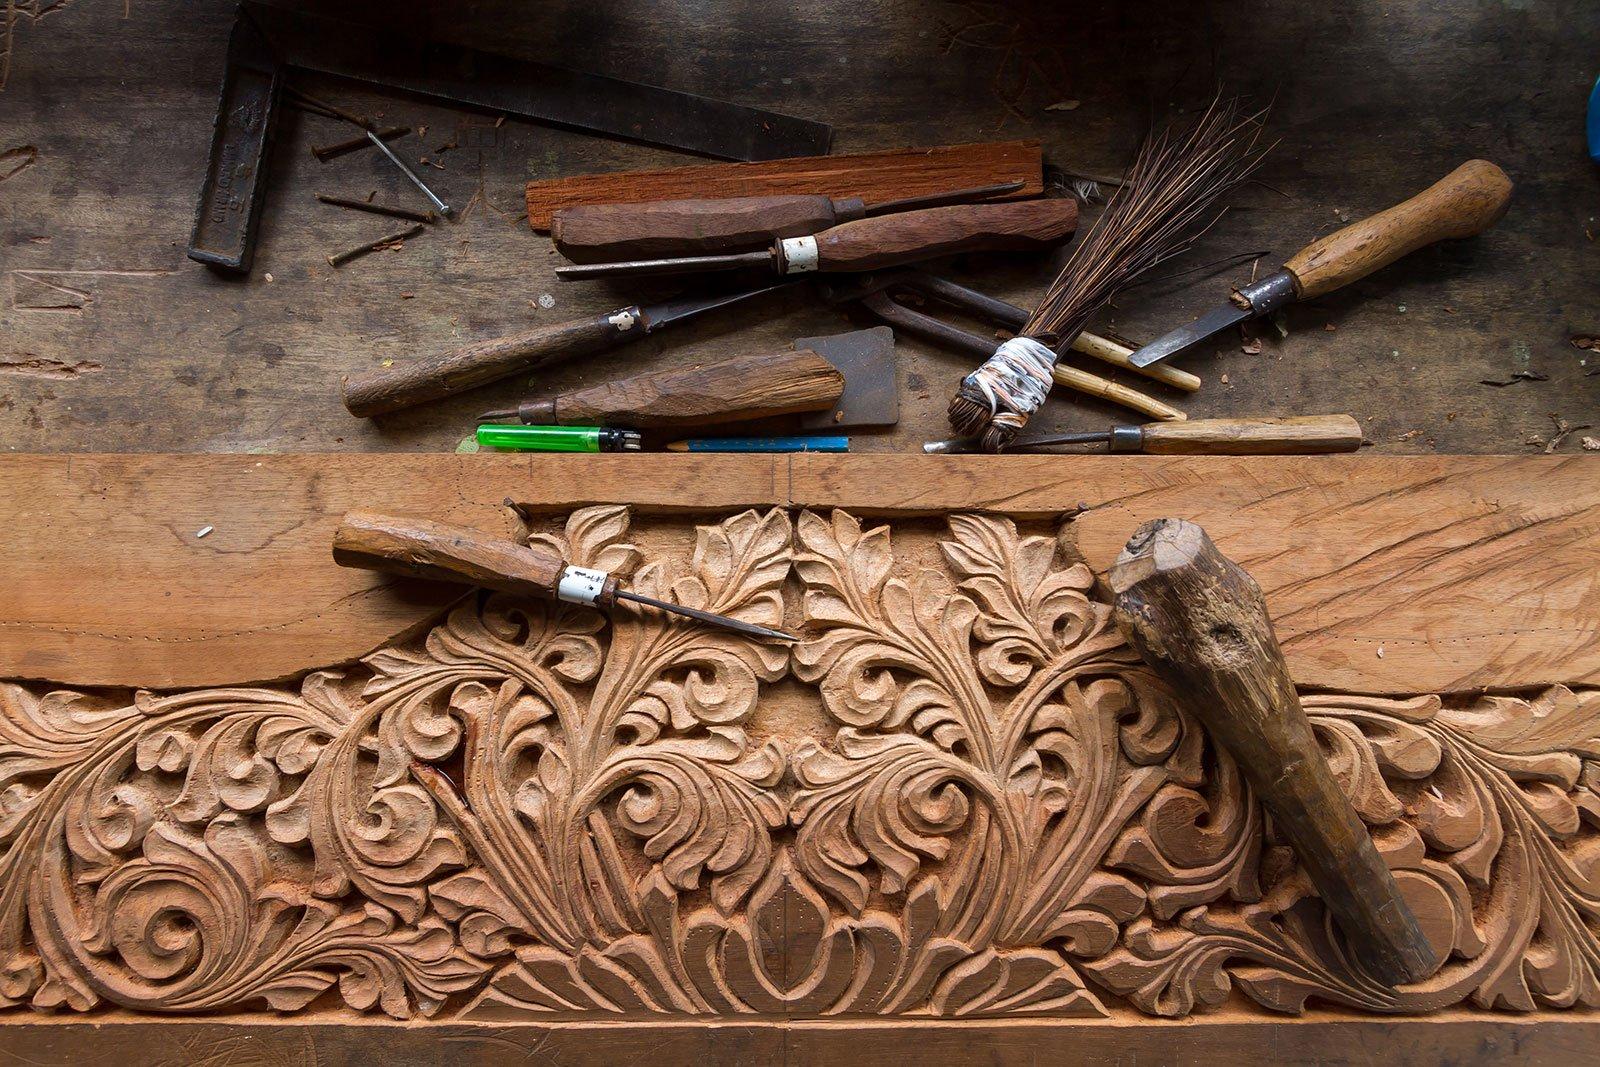 delle finiture scolpite in legno e degli attrezzi